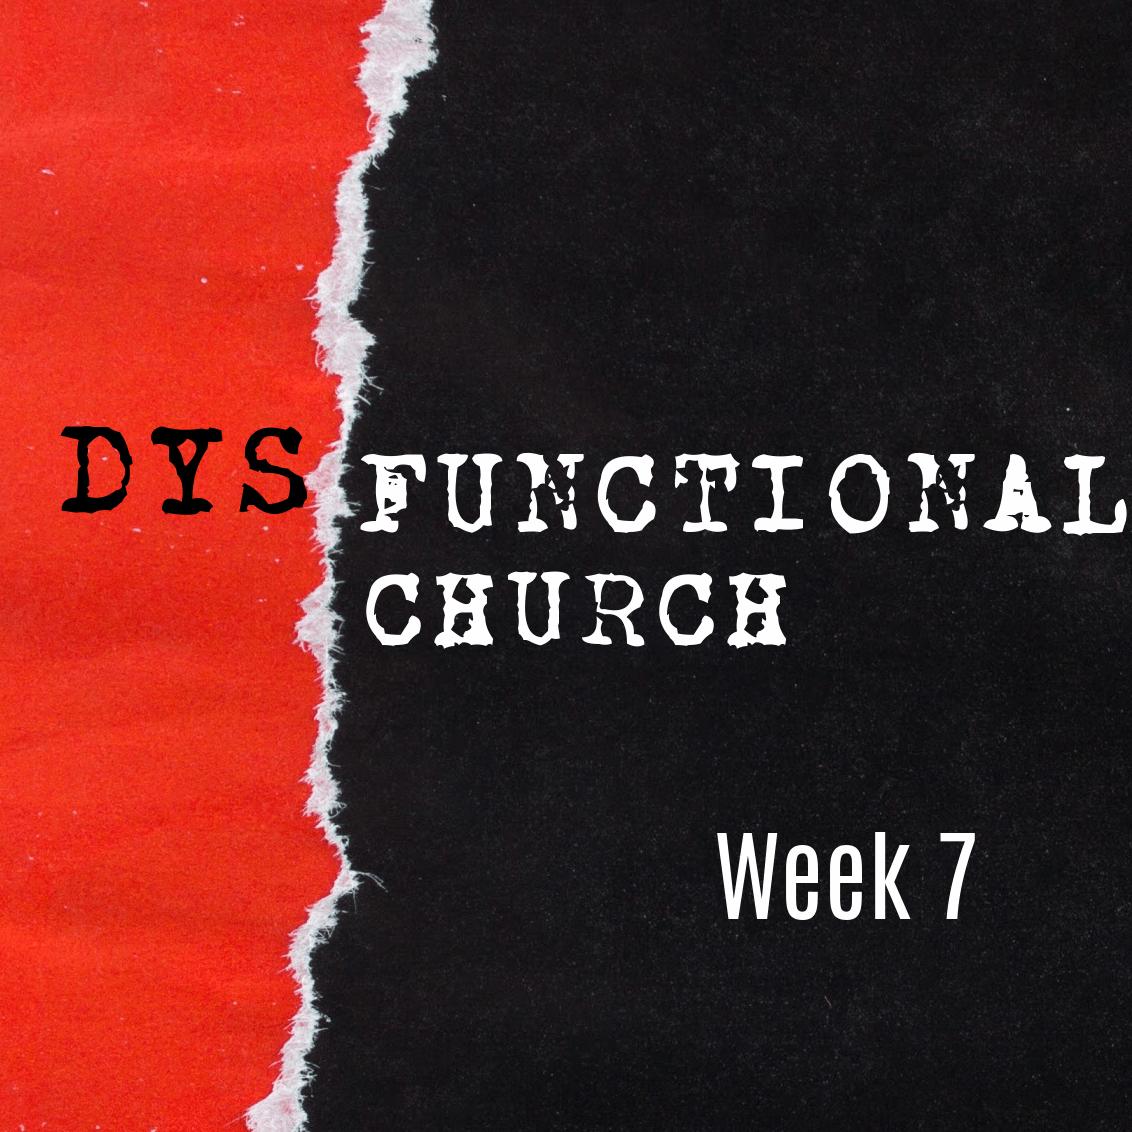 Dysfunctional Church – Week 7